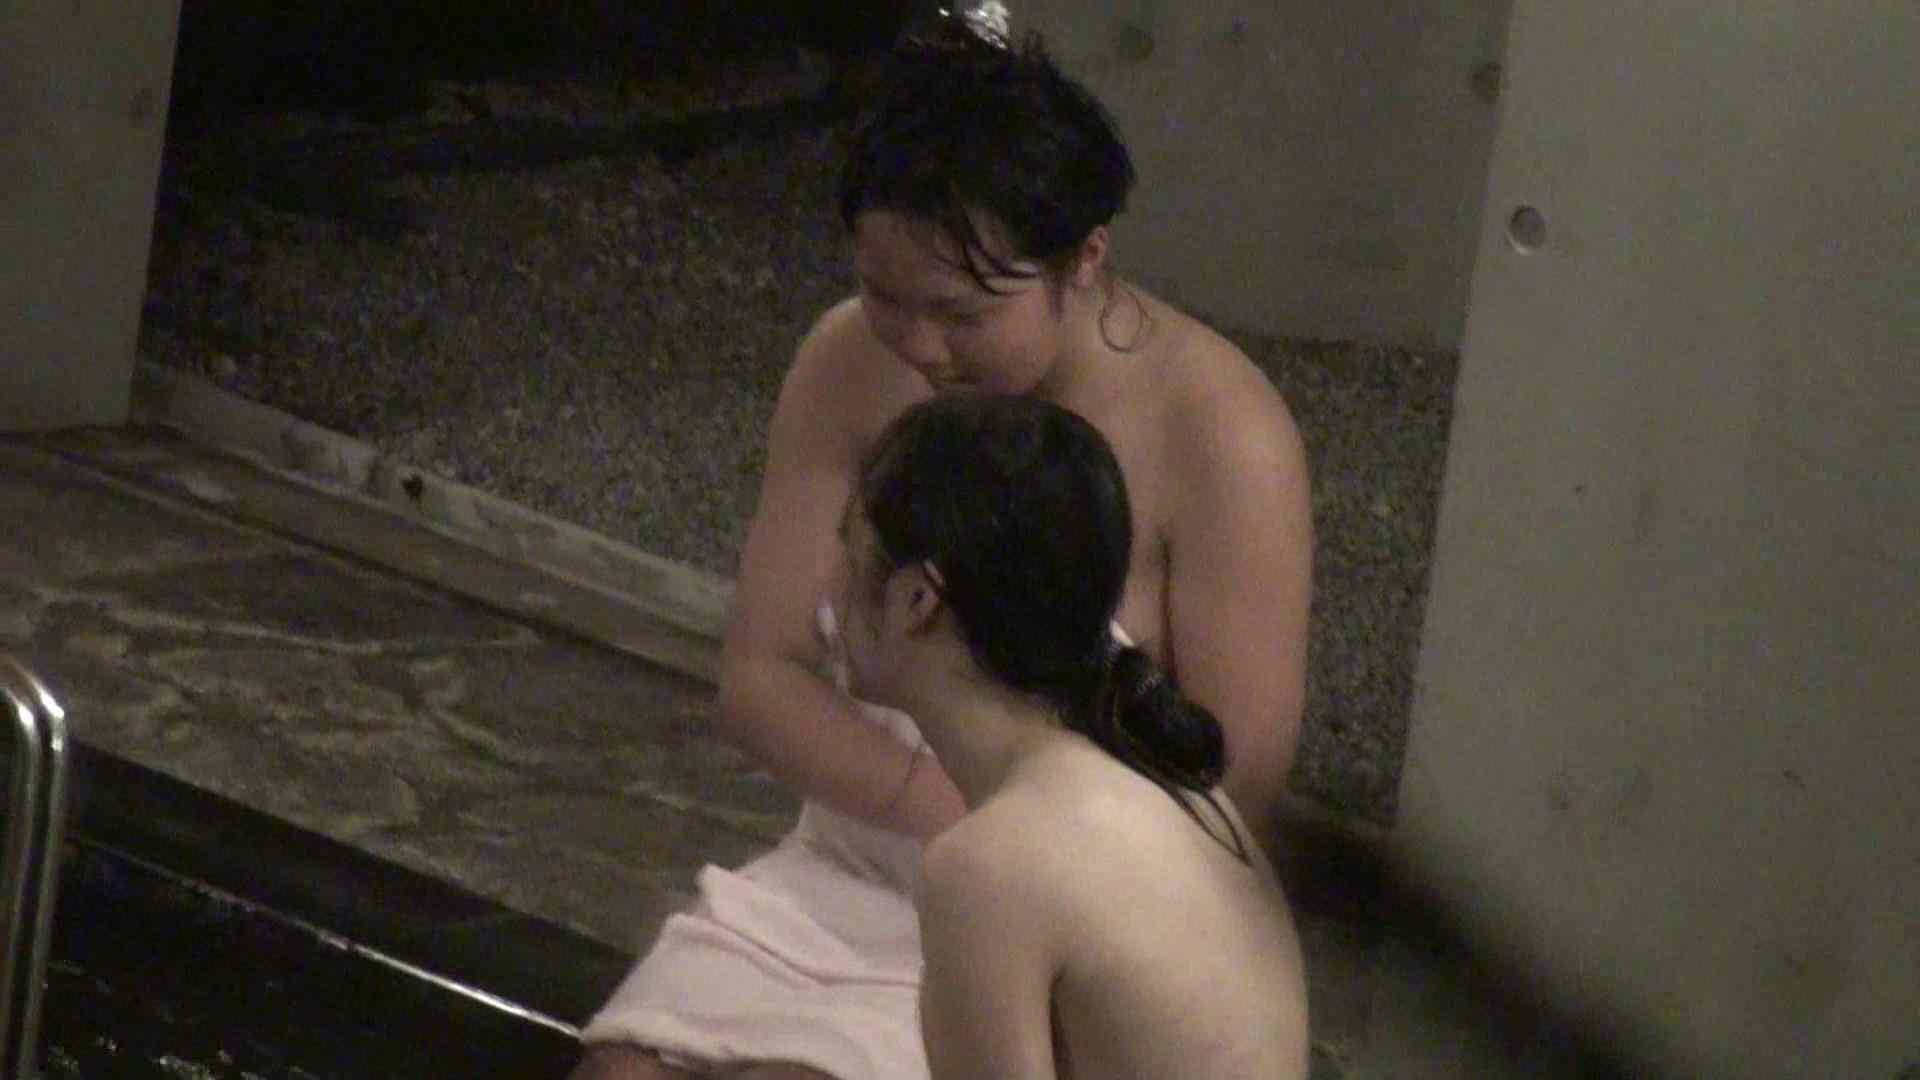 Aquaな露天風呂Vol.382 OLエロ画像 | 盗撮  78PICs 19